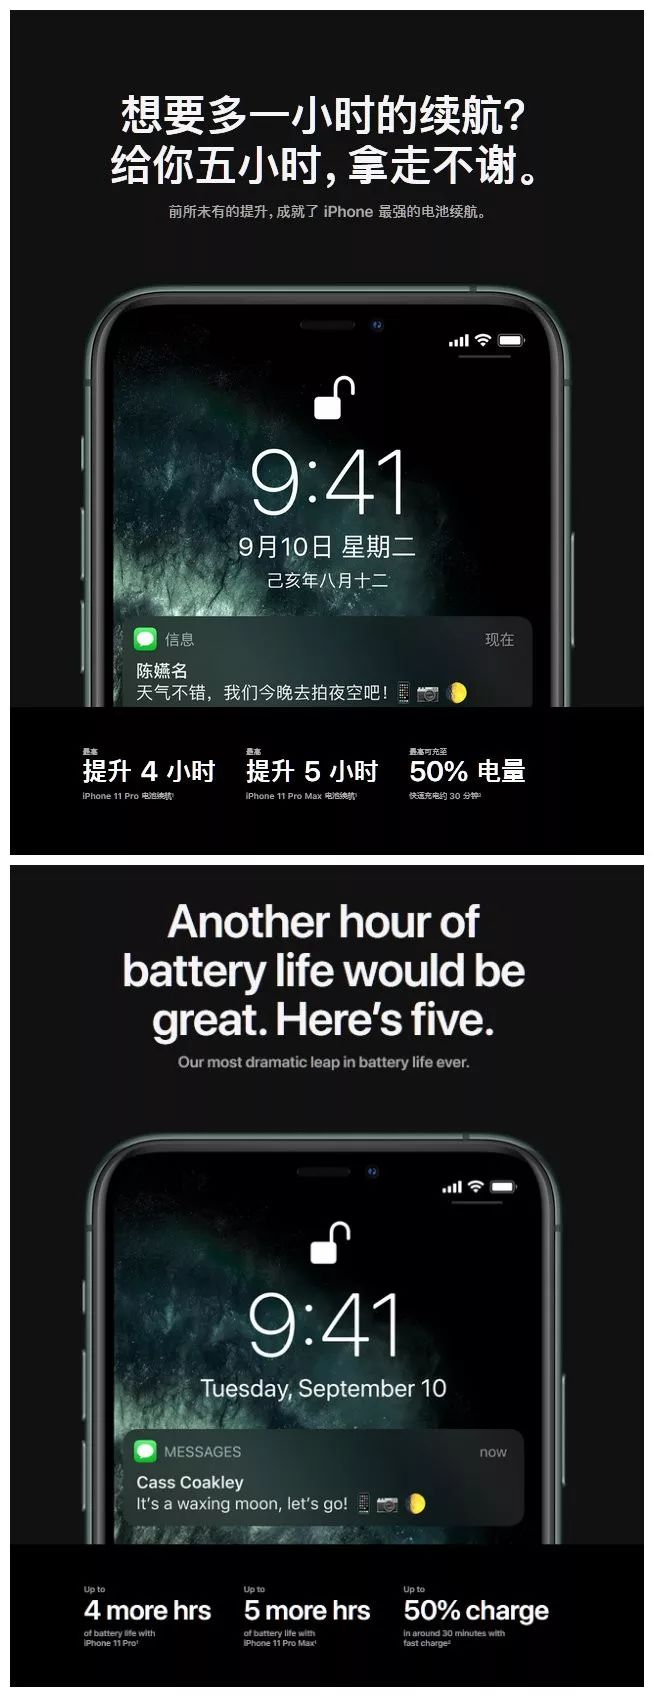 """""""苹果中国""""官方网站也太废弃物了吧,笑死人了……"""